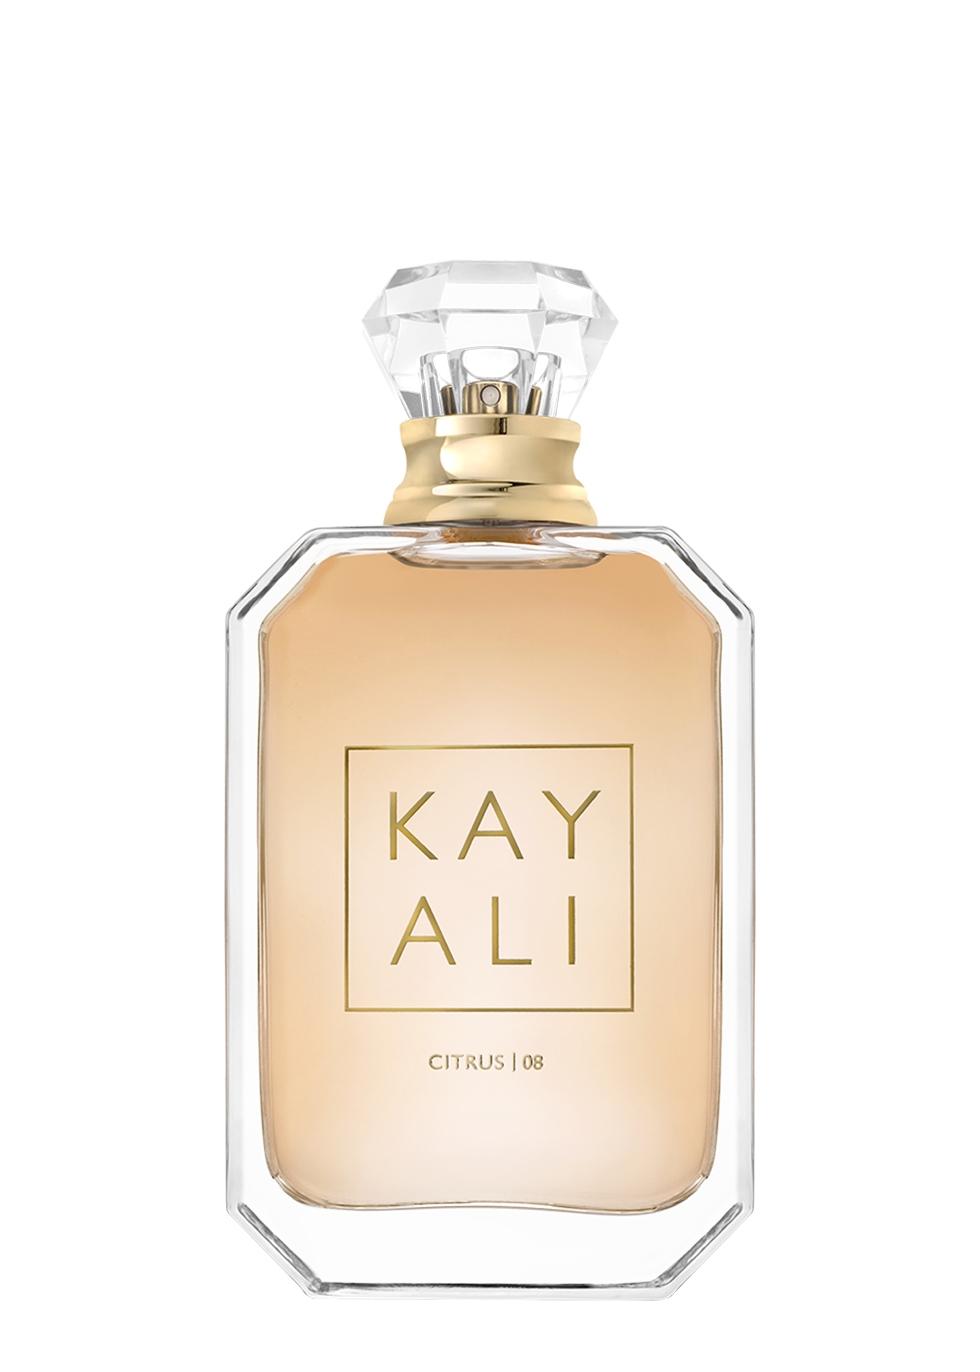 Kayali Citrus 08 Eau de Parfum 50ml